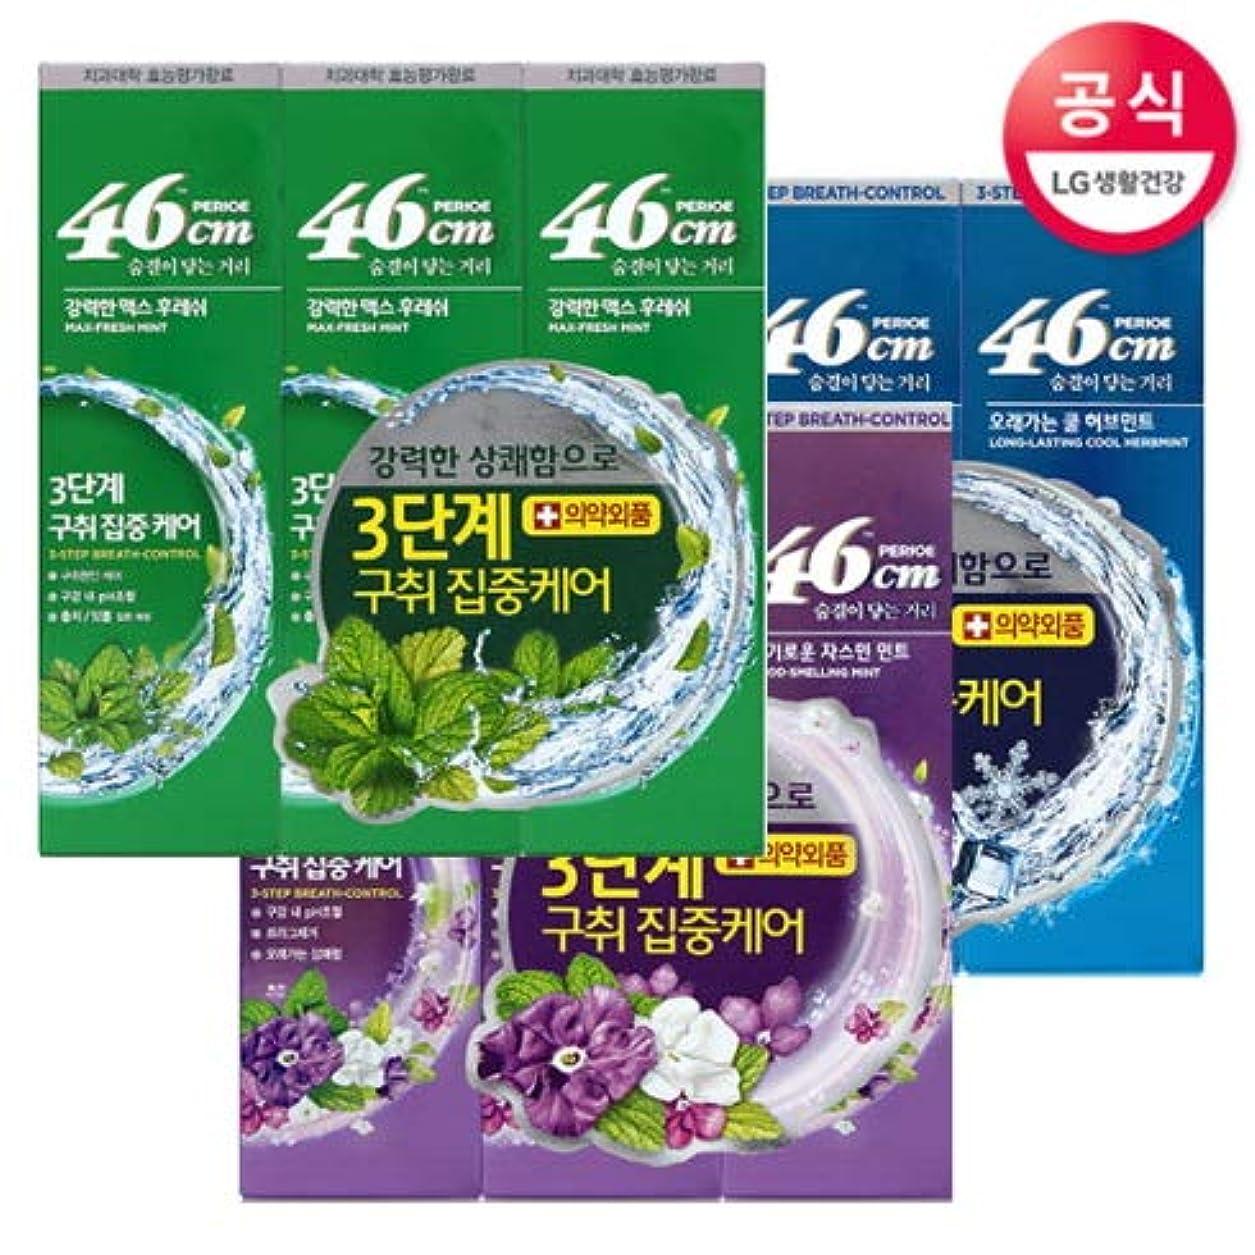 台無しに電子レンジ不名誉な[LG HnB] Perio 46cm toothpaste /ペリオ46cm歯磨き粉 100gx9個(海外直送品)